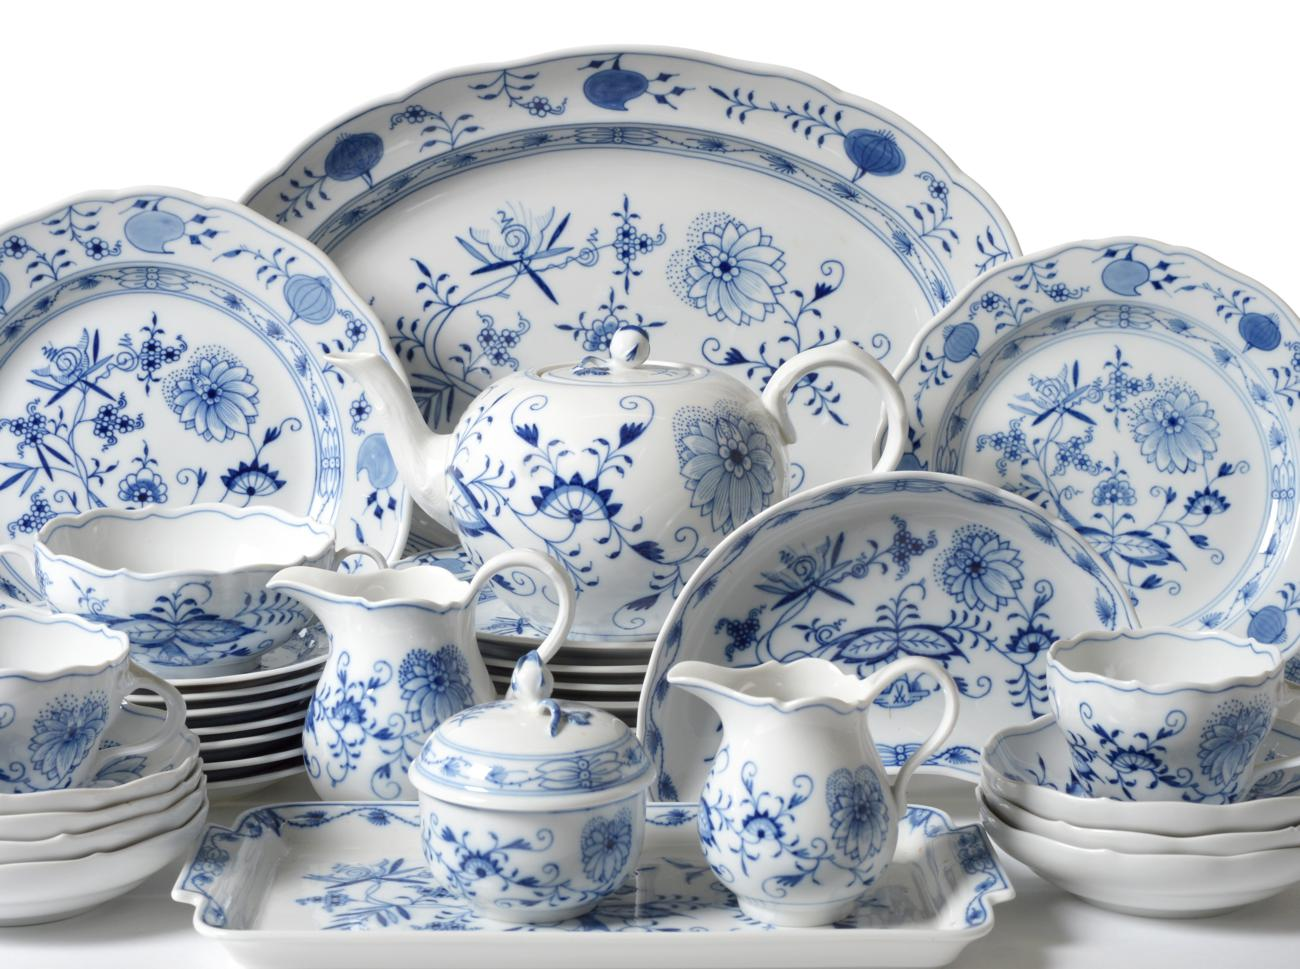 Lot 43 - A Meissen Porcelain Onion Pattern Part Dinner Service, comprising seven écuelles and eight stands